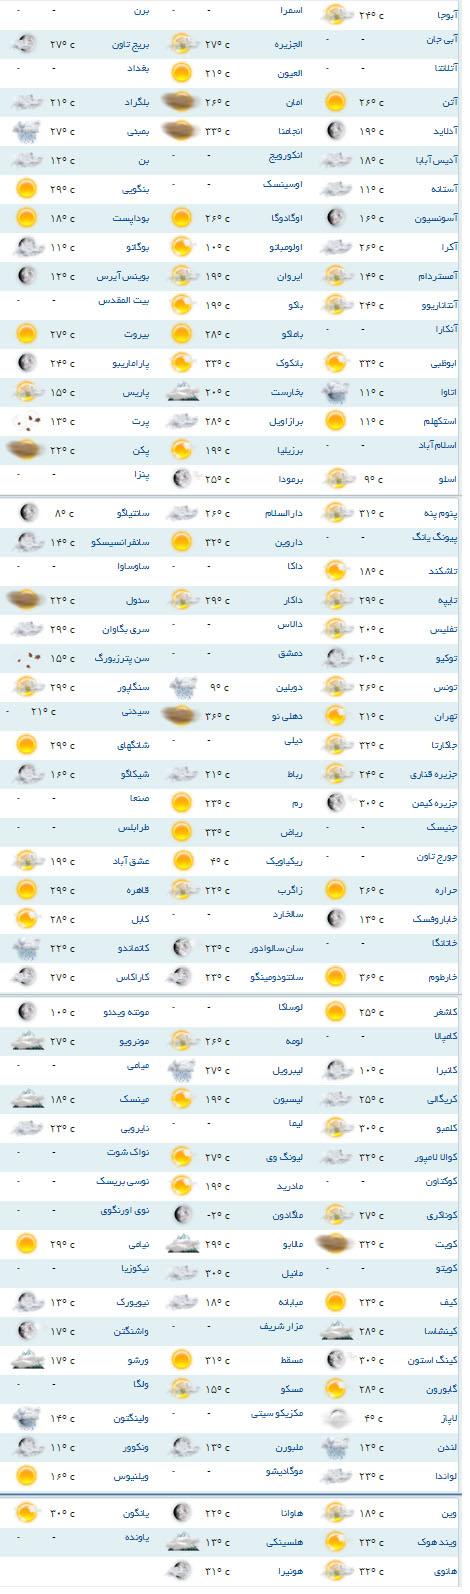 میانگین سردترین شهرهای ایران به ترتیب سردترین و گرمترین شهرهای جهان کدامند؟ - سایت خبری تحلیلی ...